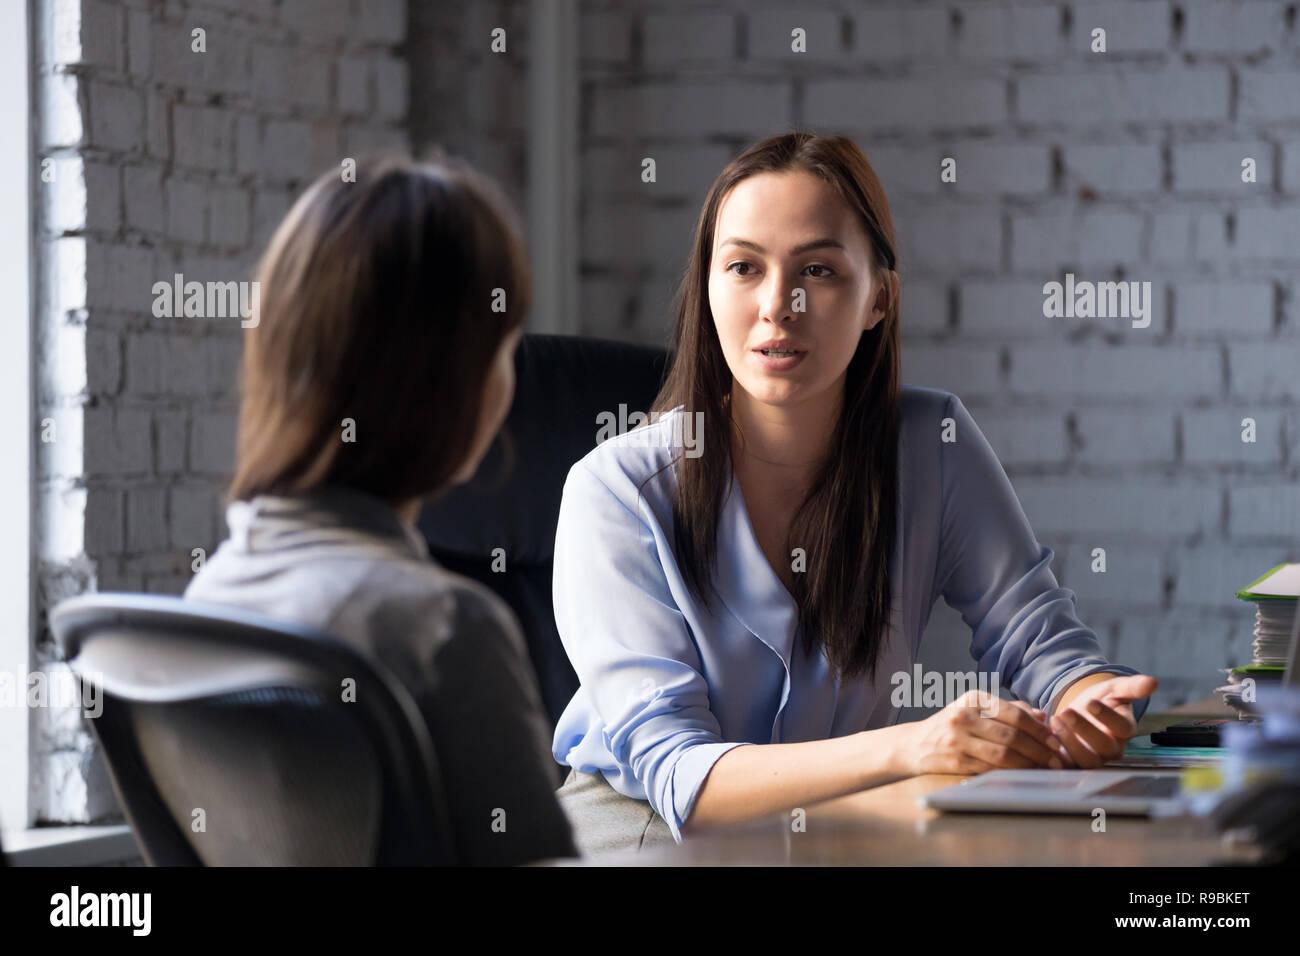 Seria professionista consulente femmina consulting client alla riunione Immagini Stock